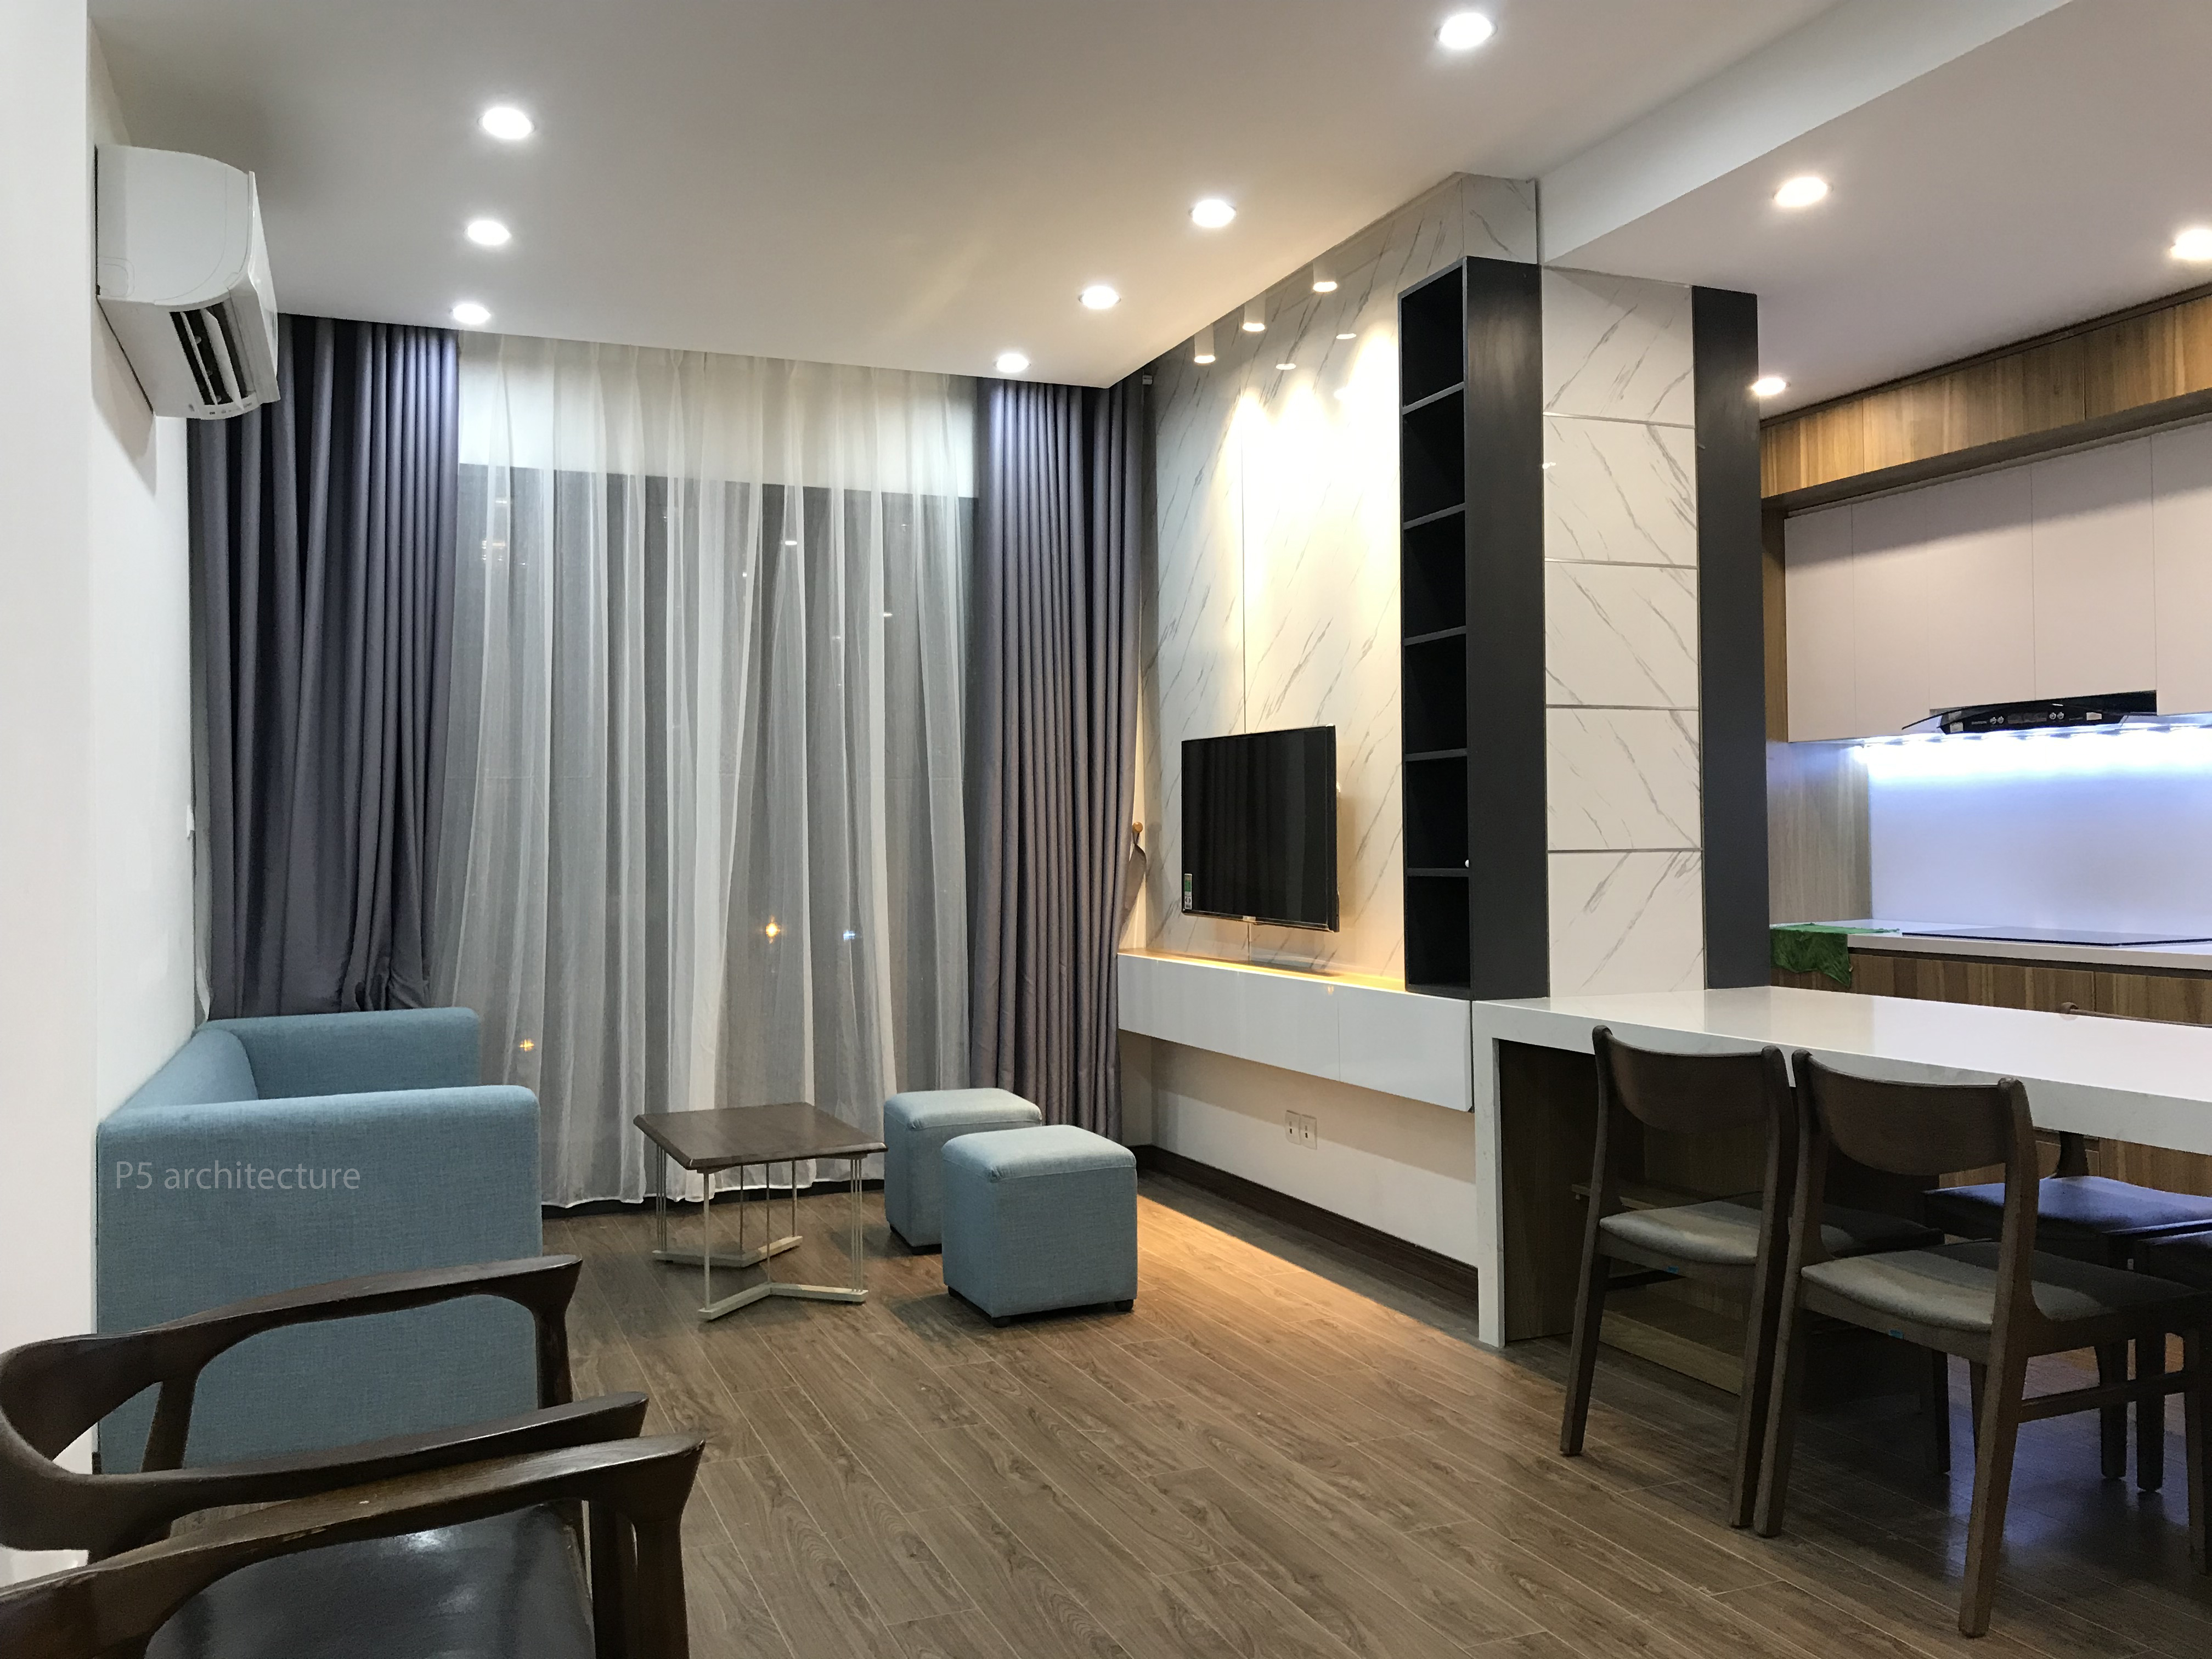 thiết kế nội thất chung cư tại Hà Nội Nội thất D'Capitale 0 1562756697